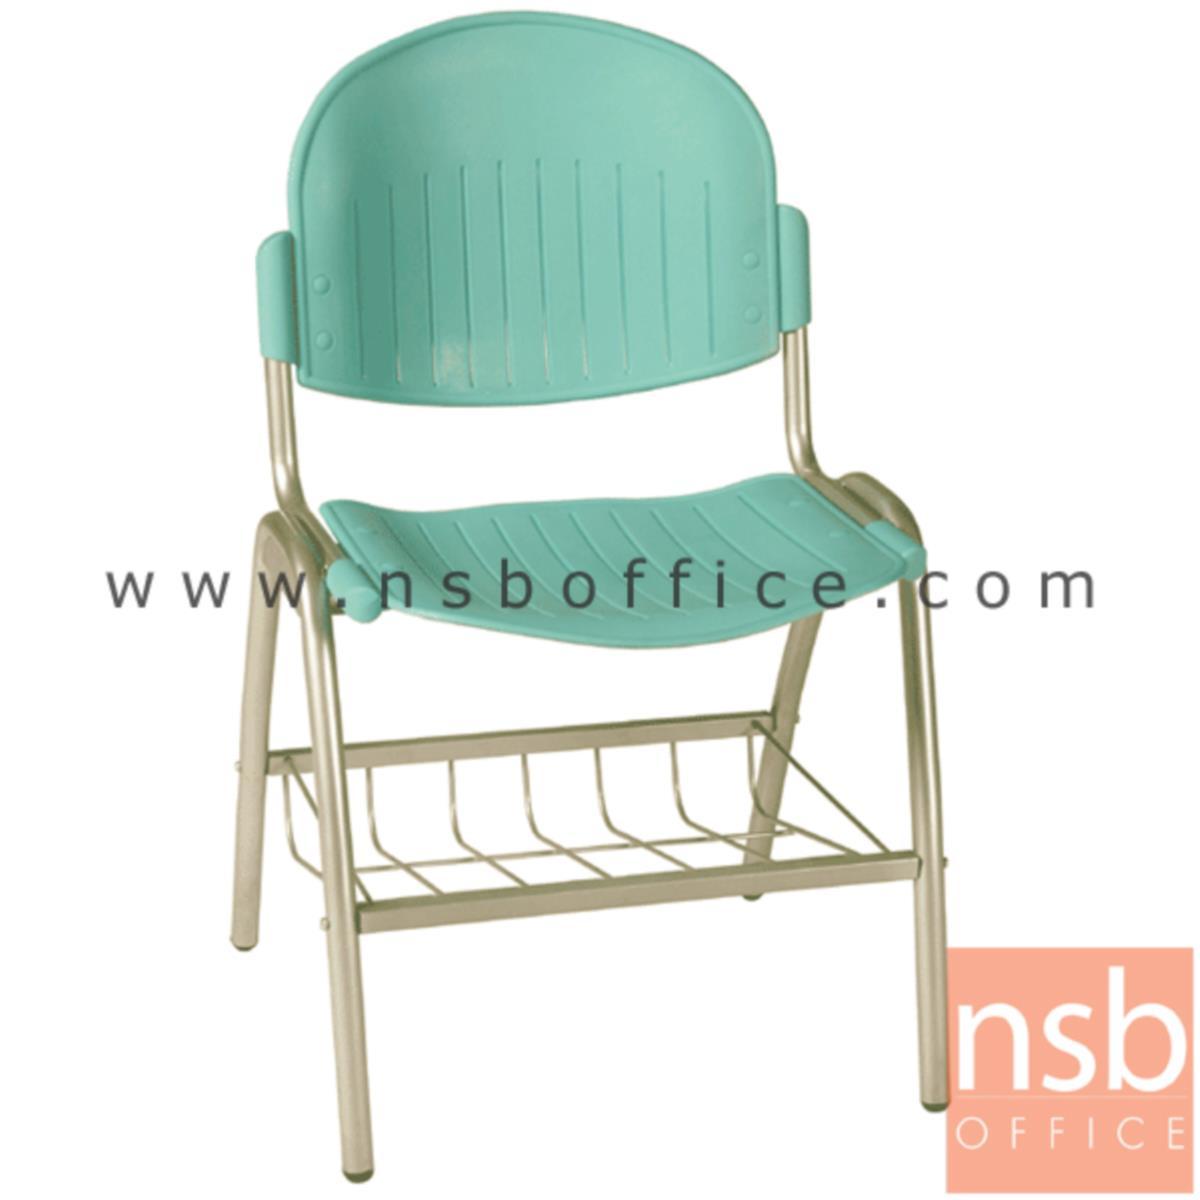 เก้าอี้อเนกประสงค์เฟรมโพลี่ รุ่น A156-546  ขาเหล็กพ่นสีเทา